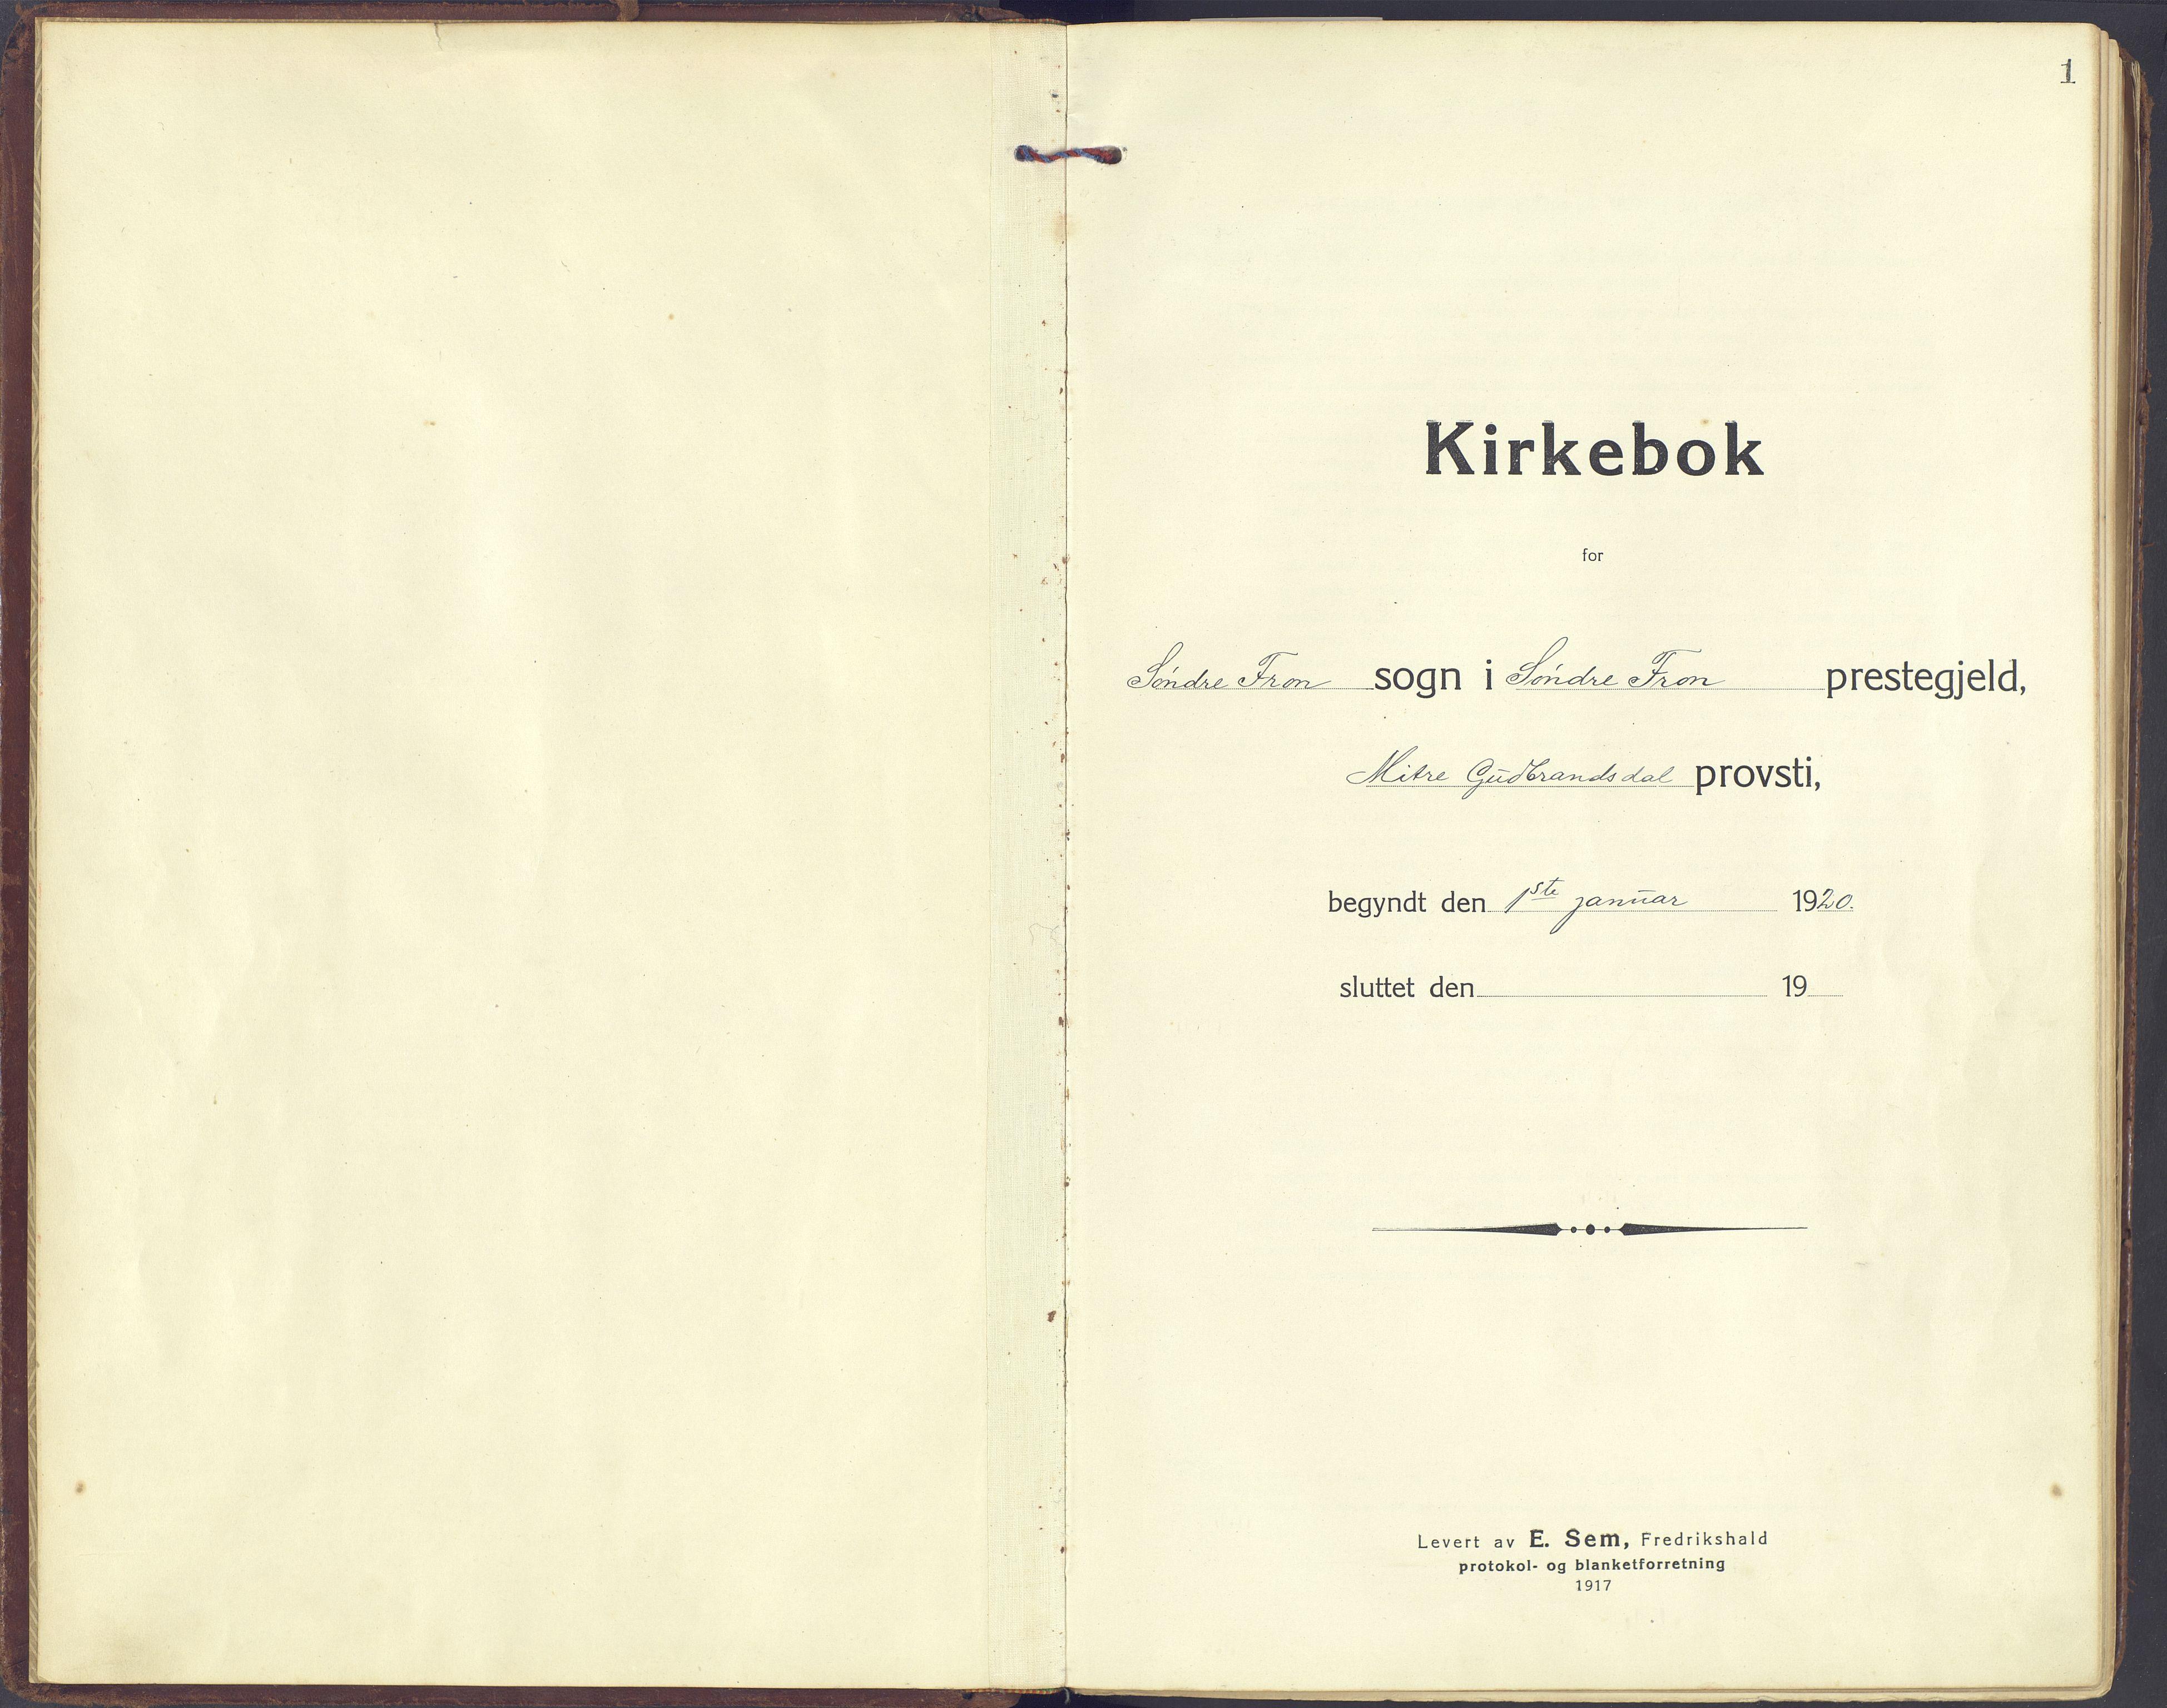 SAH, Sør-Fron prestekontor, H/Ha/Haa/L0005: Ministerialbok nr. 5, 1920-1933, s. 1